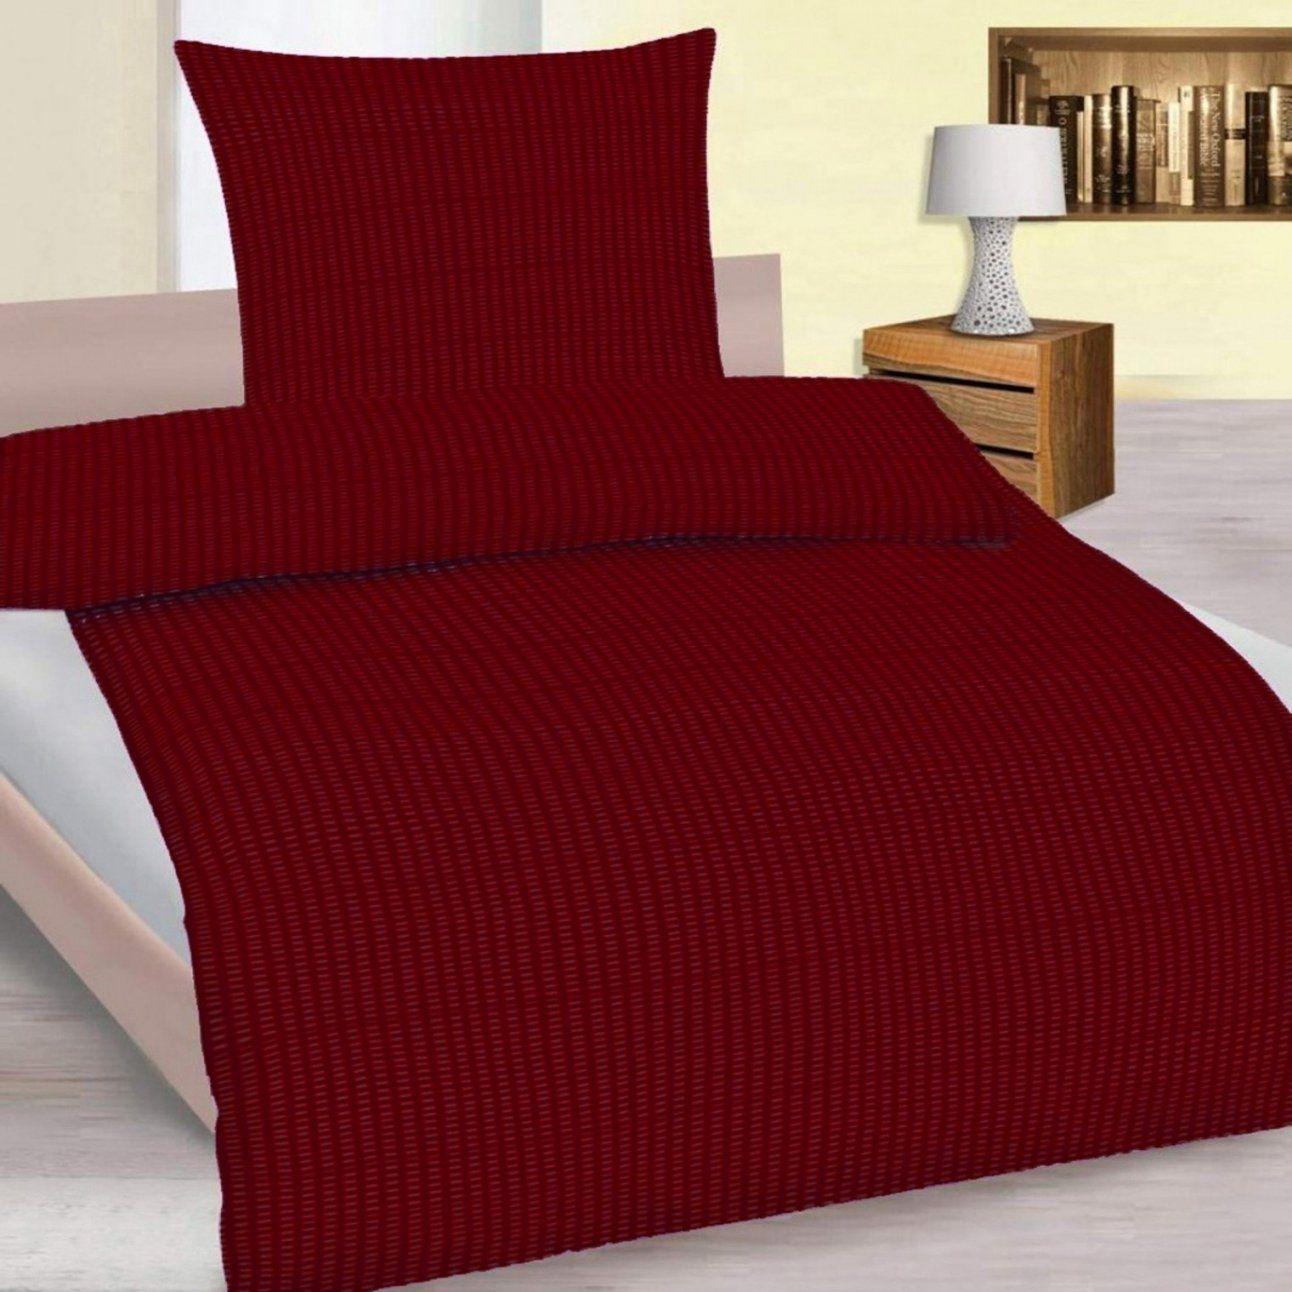 Wunderbar Erstaunlich Coole Bettwäsche 155X220 Stilvoll Bettwaesche von Microfaser Seersucker Bettwäsche 155X220 Photo